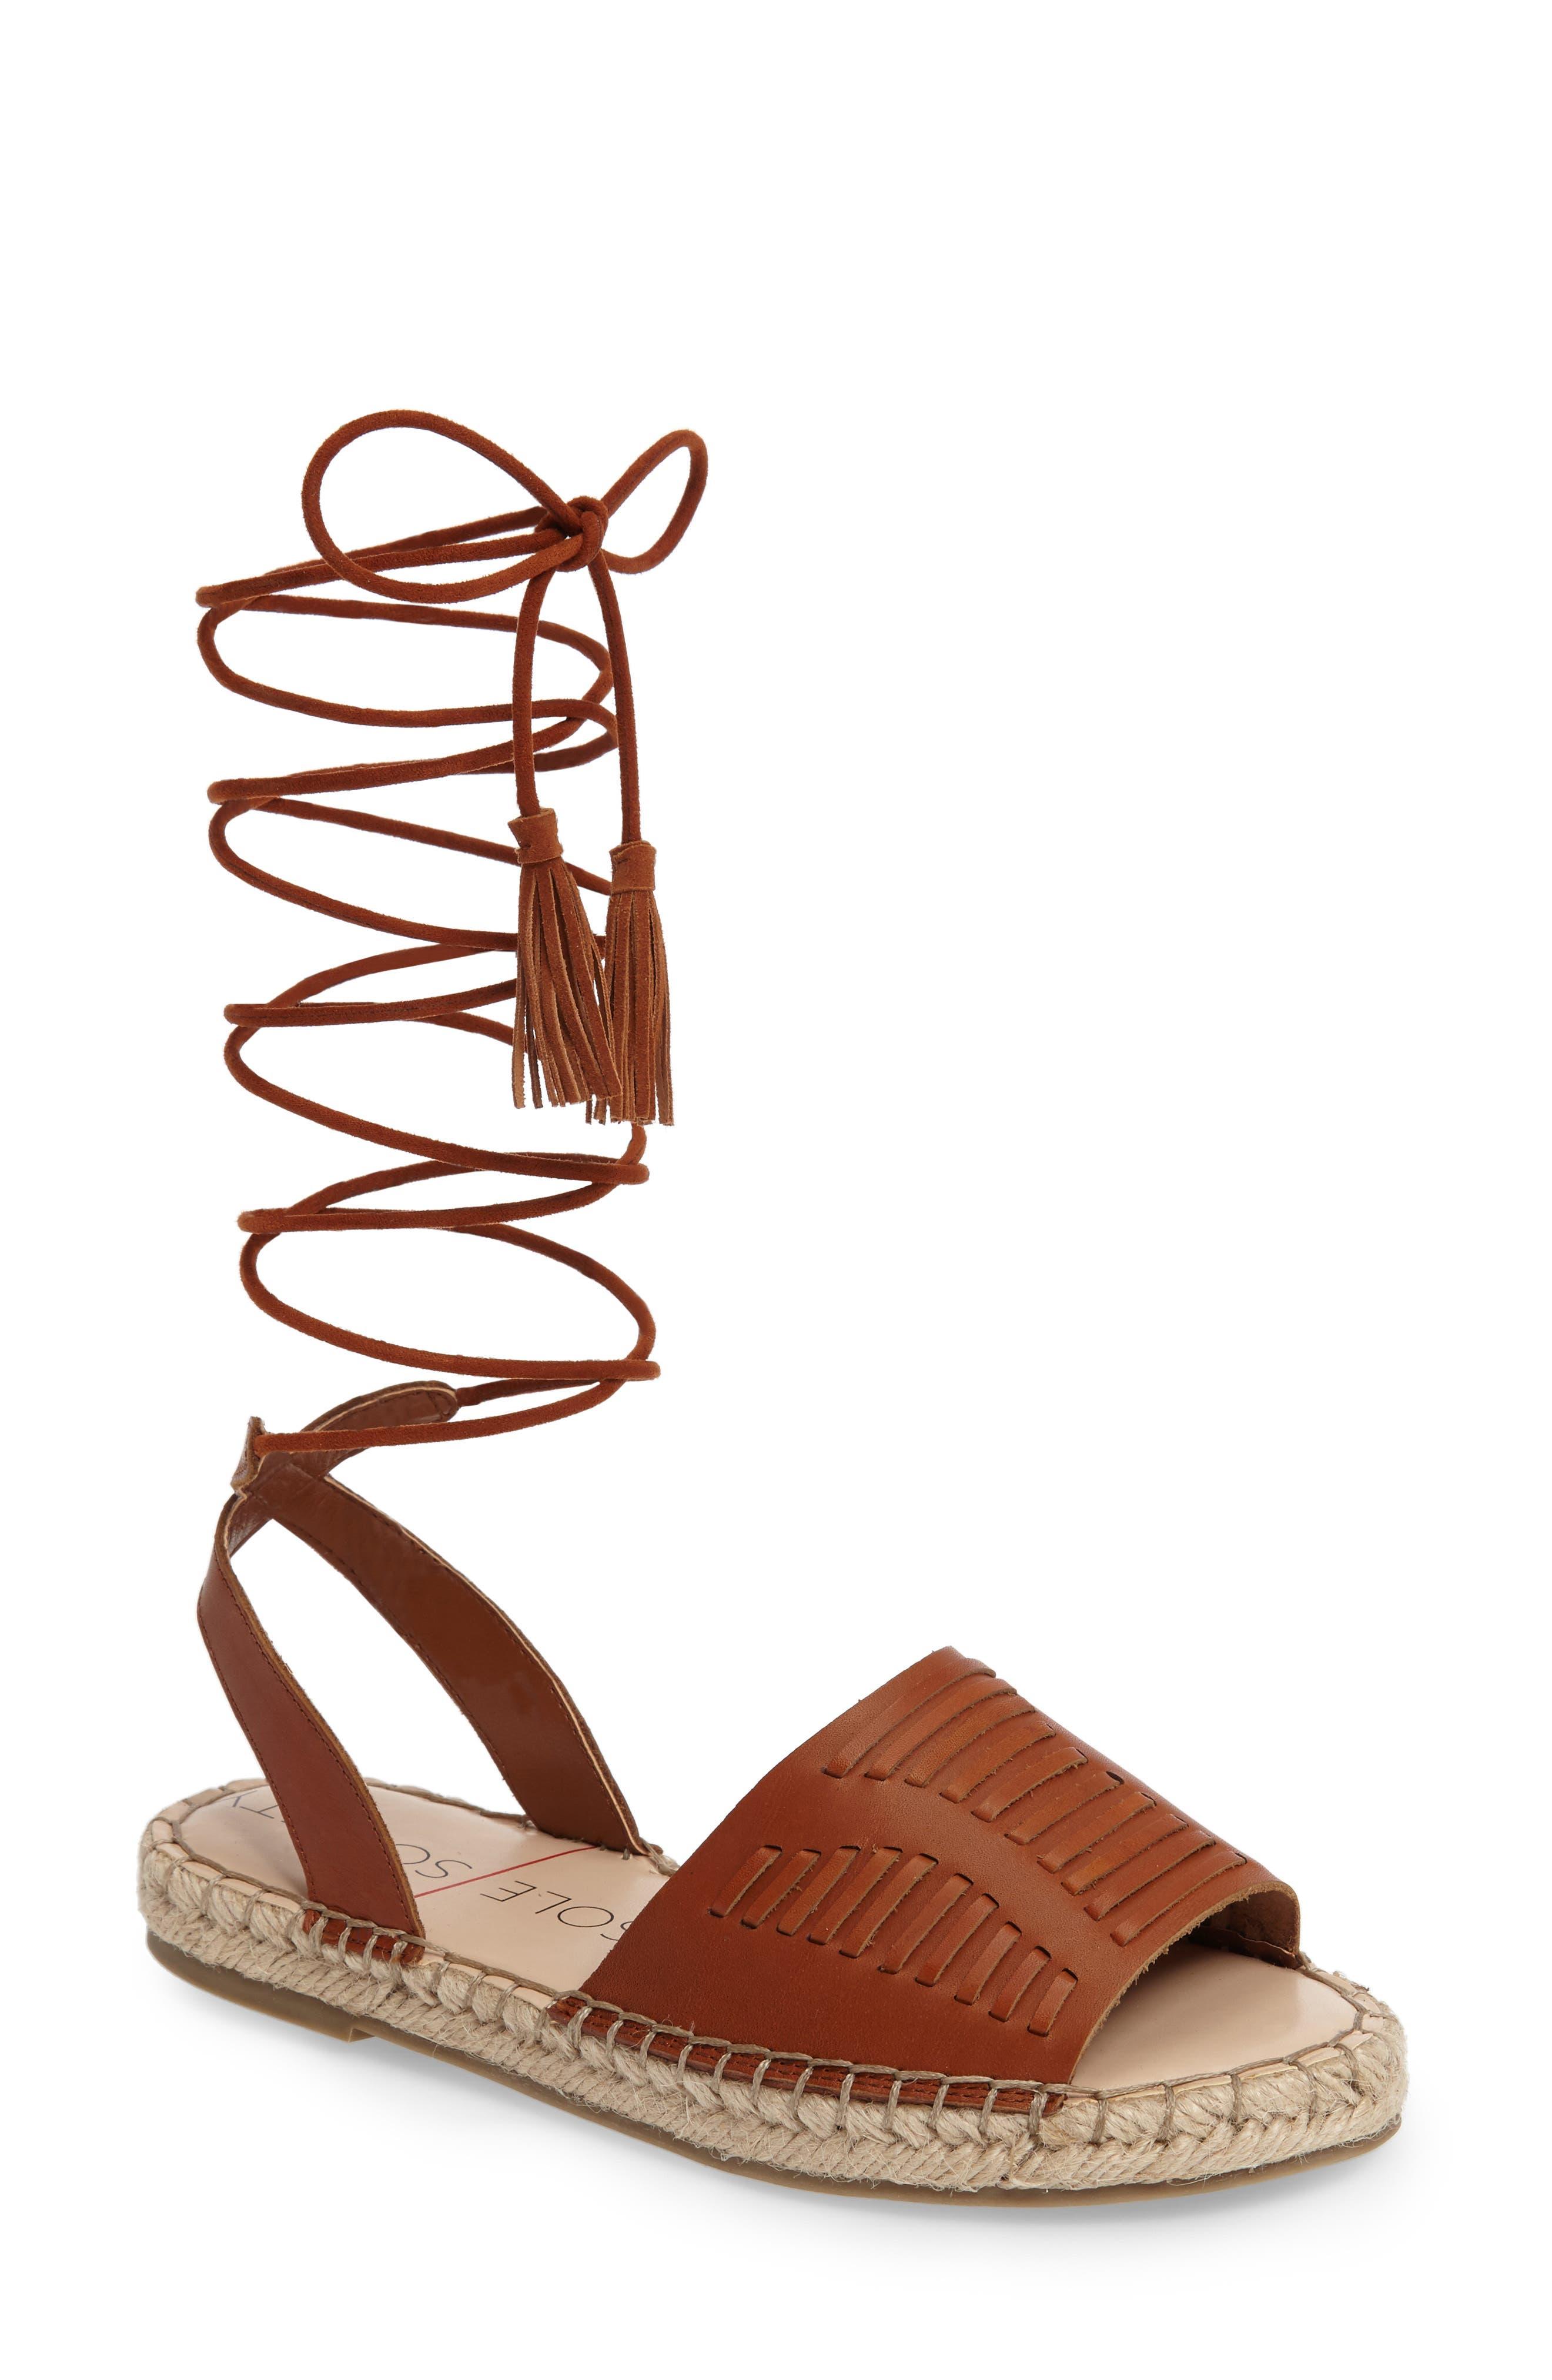 Clover Ankle Wrap Espadrille Sandal,                         Main,                         color, Cognac Leather